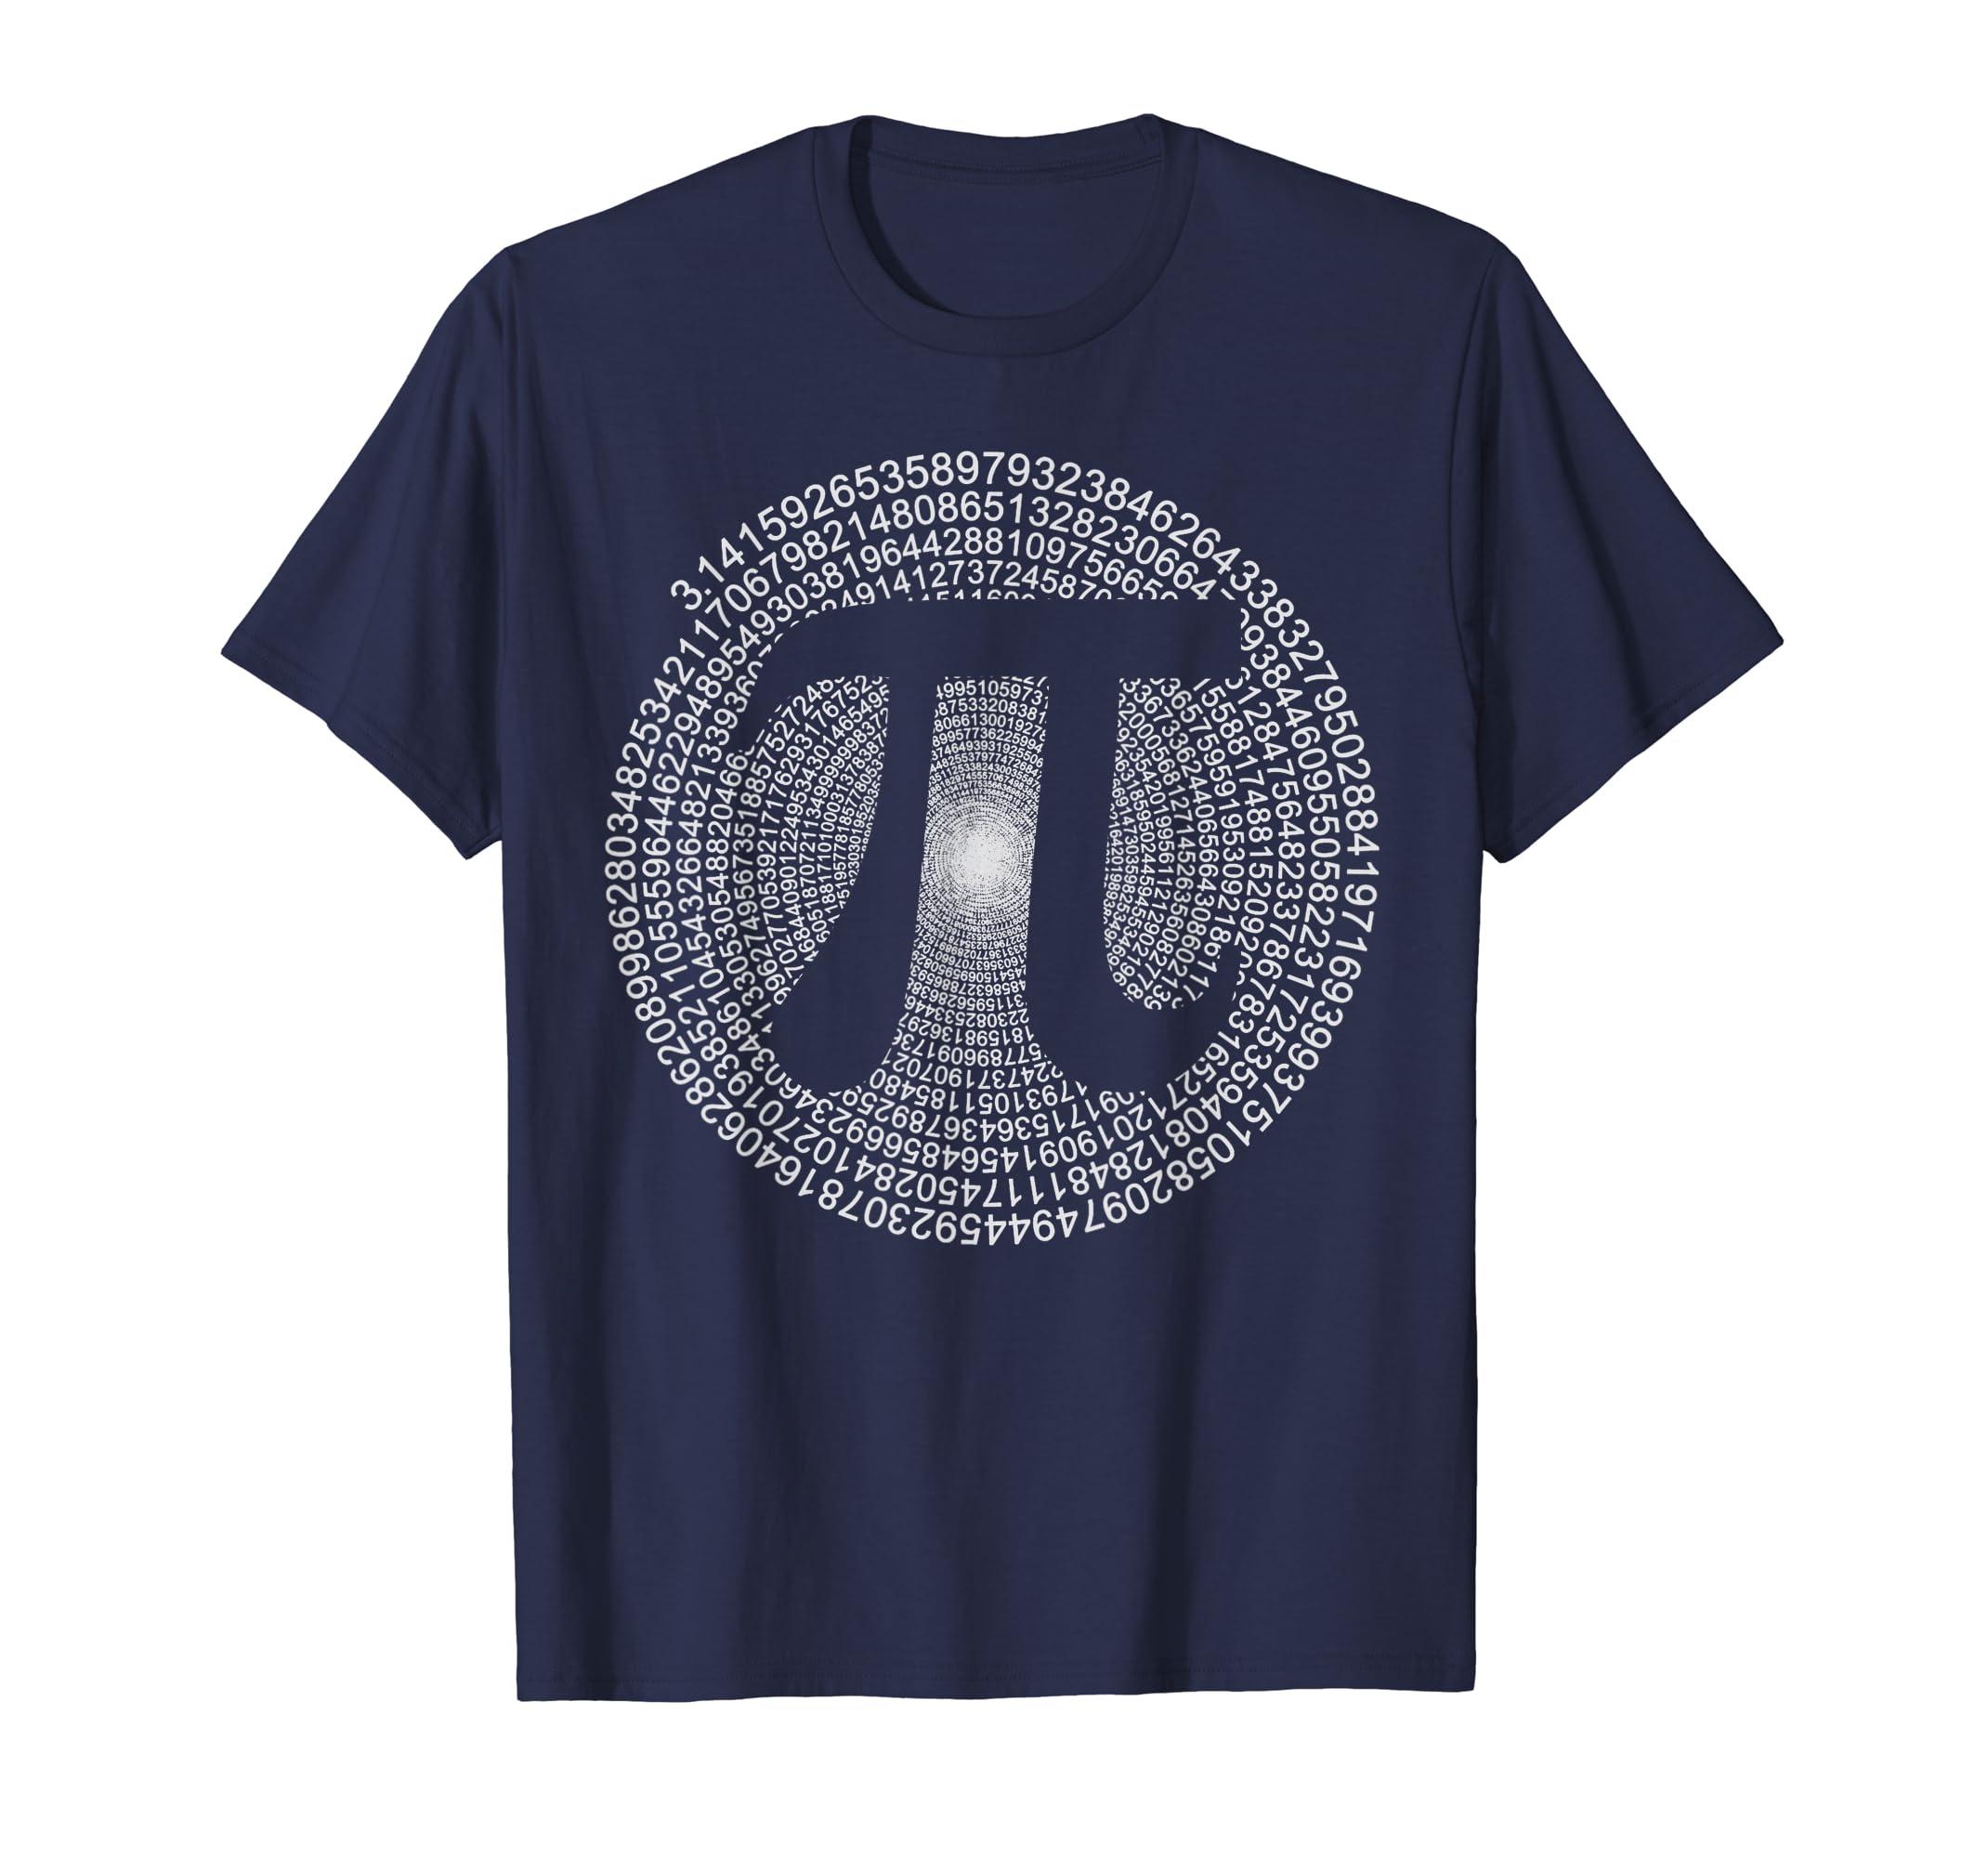 9e8608423 Pi T-Shirt 3,14 Pi Number Symbol Math Science Gift: Amazon.co.uk: Clothing